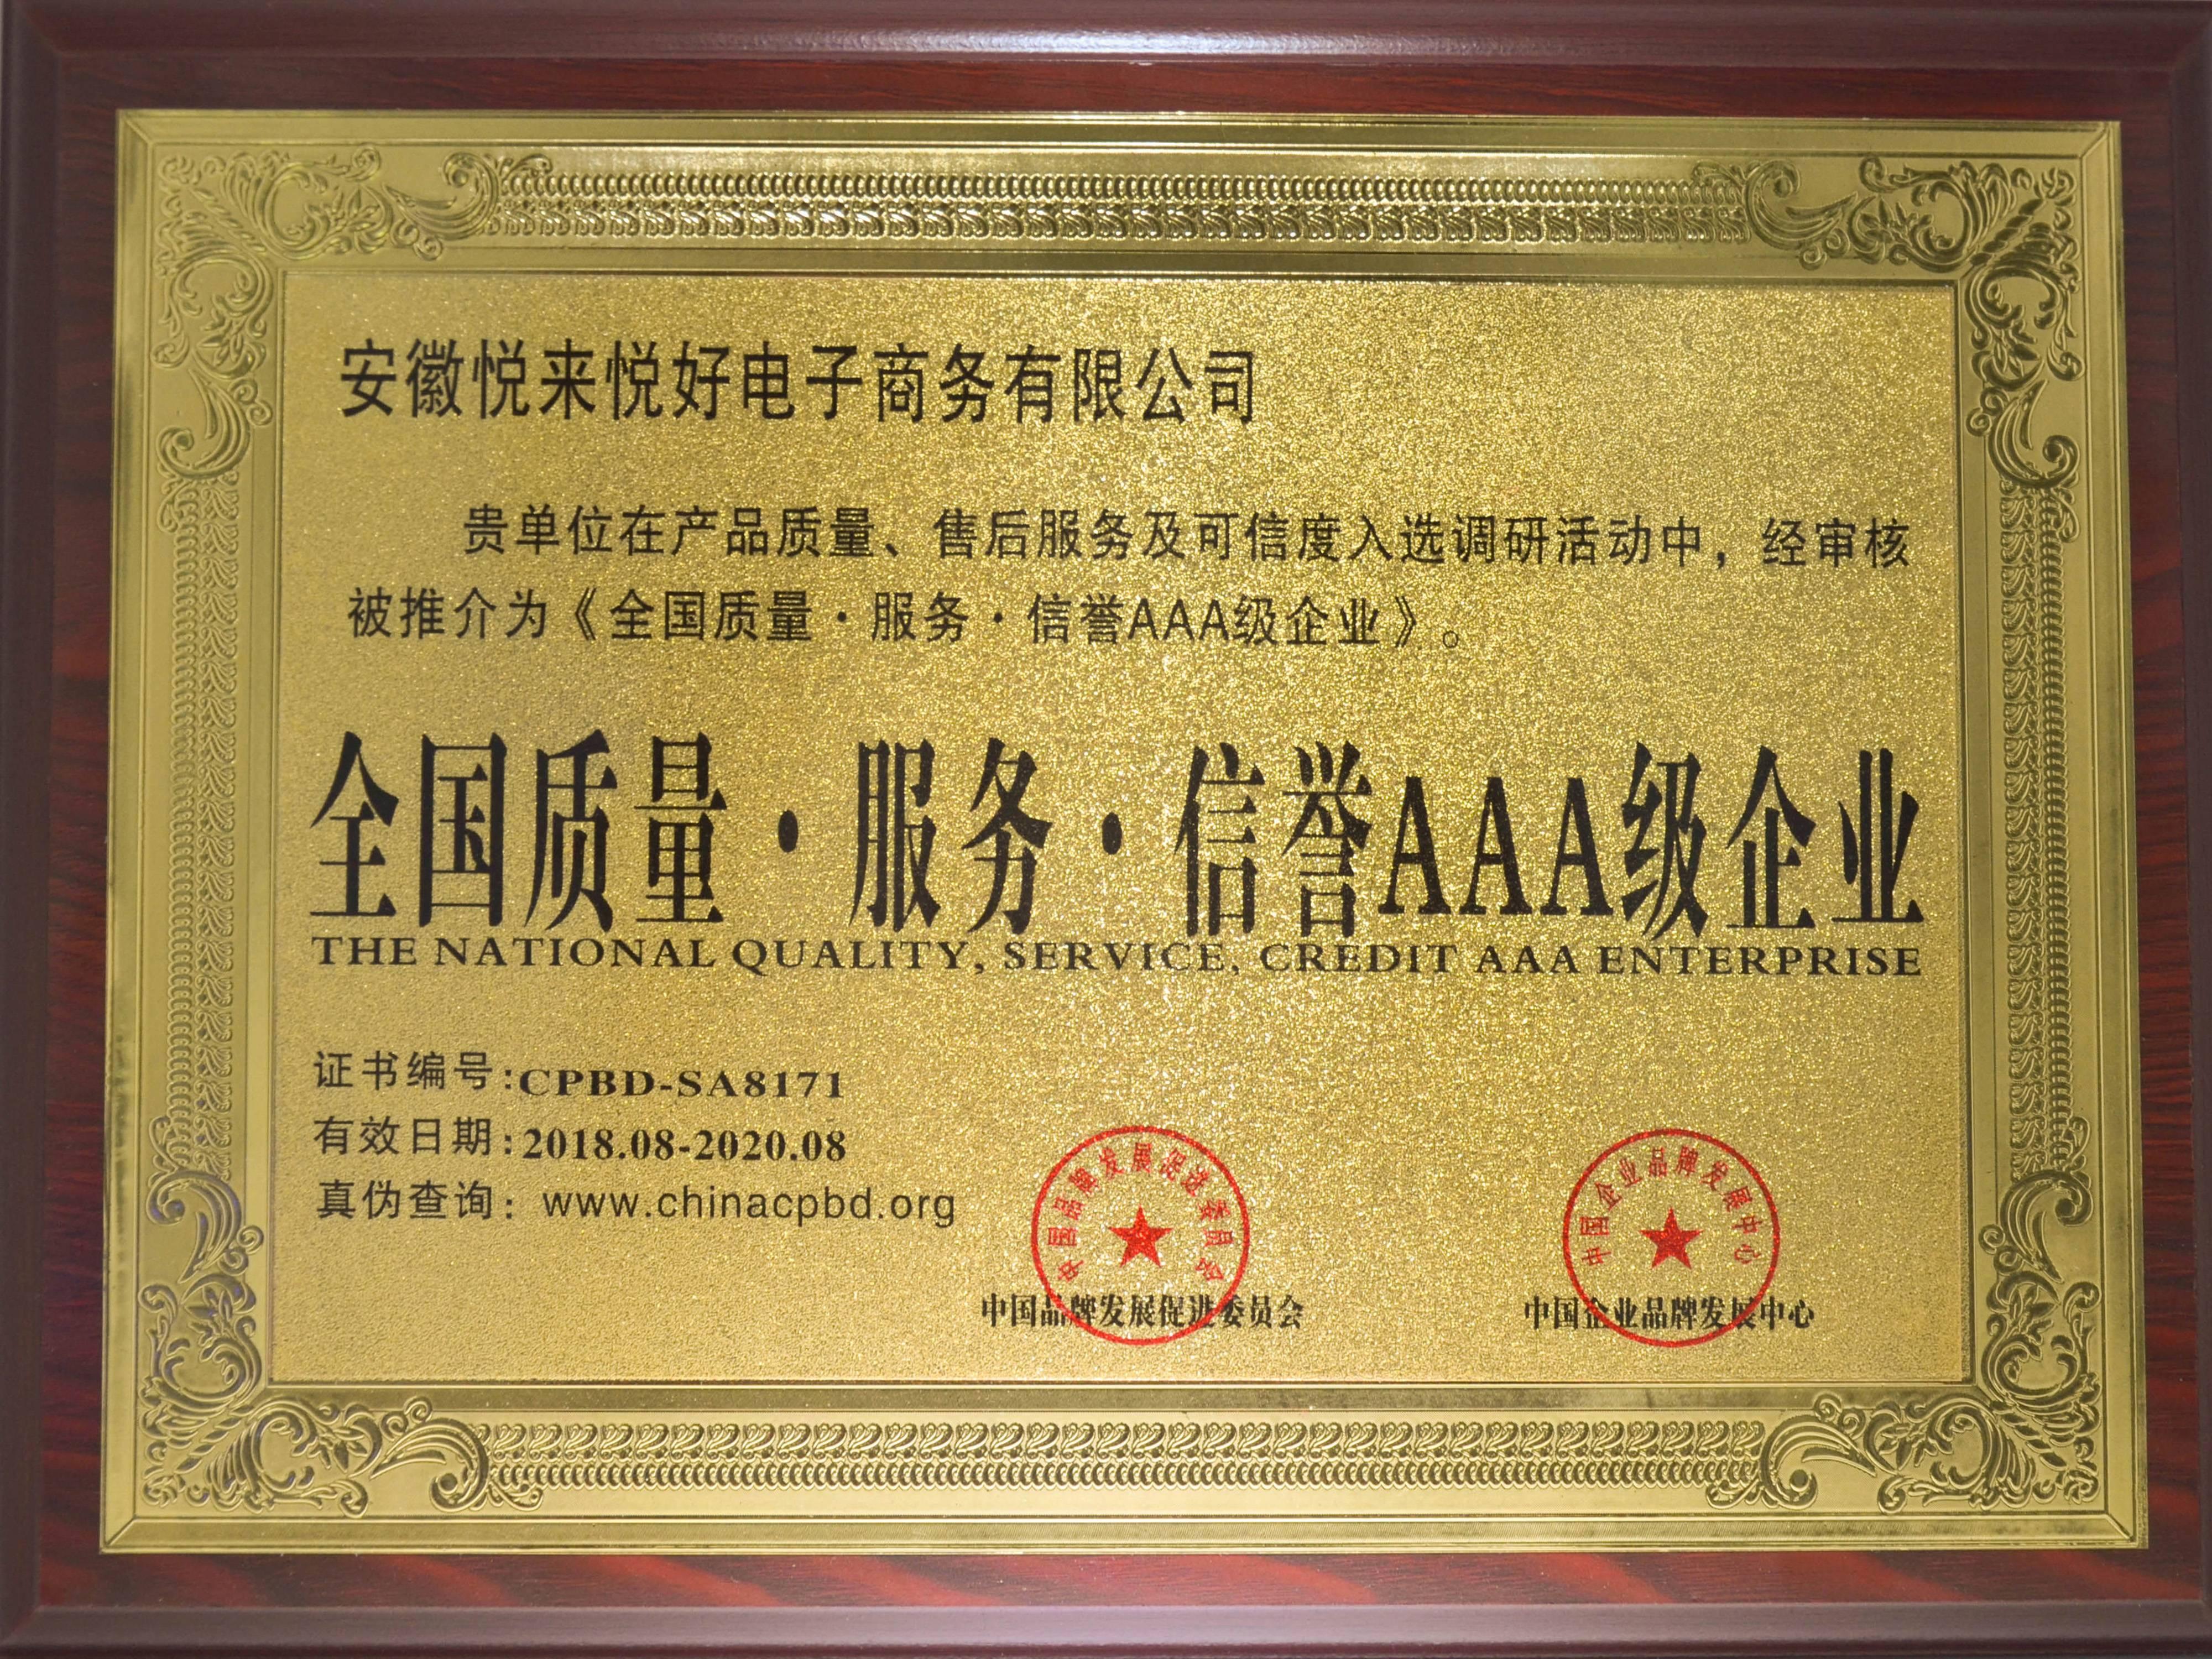 悦来悦好荣获全国质量、服务、信誉AAA级企业